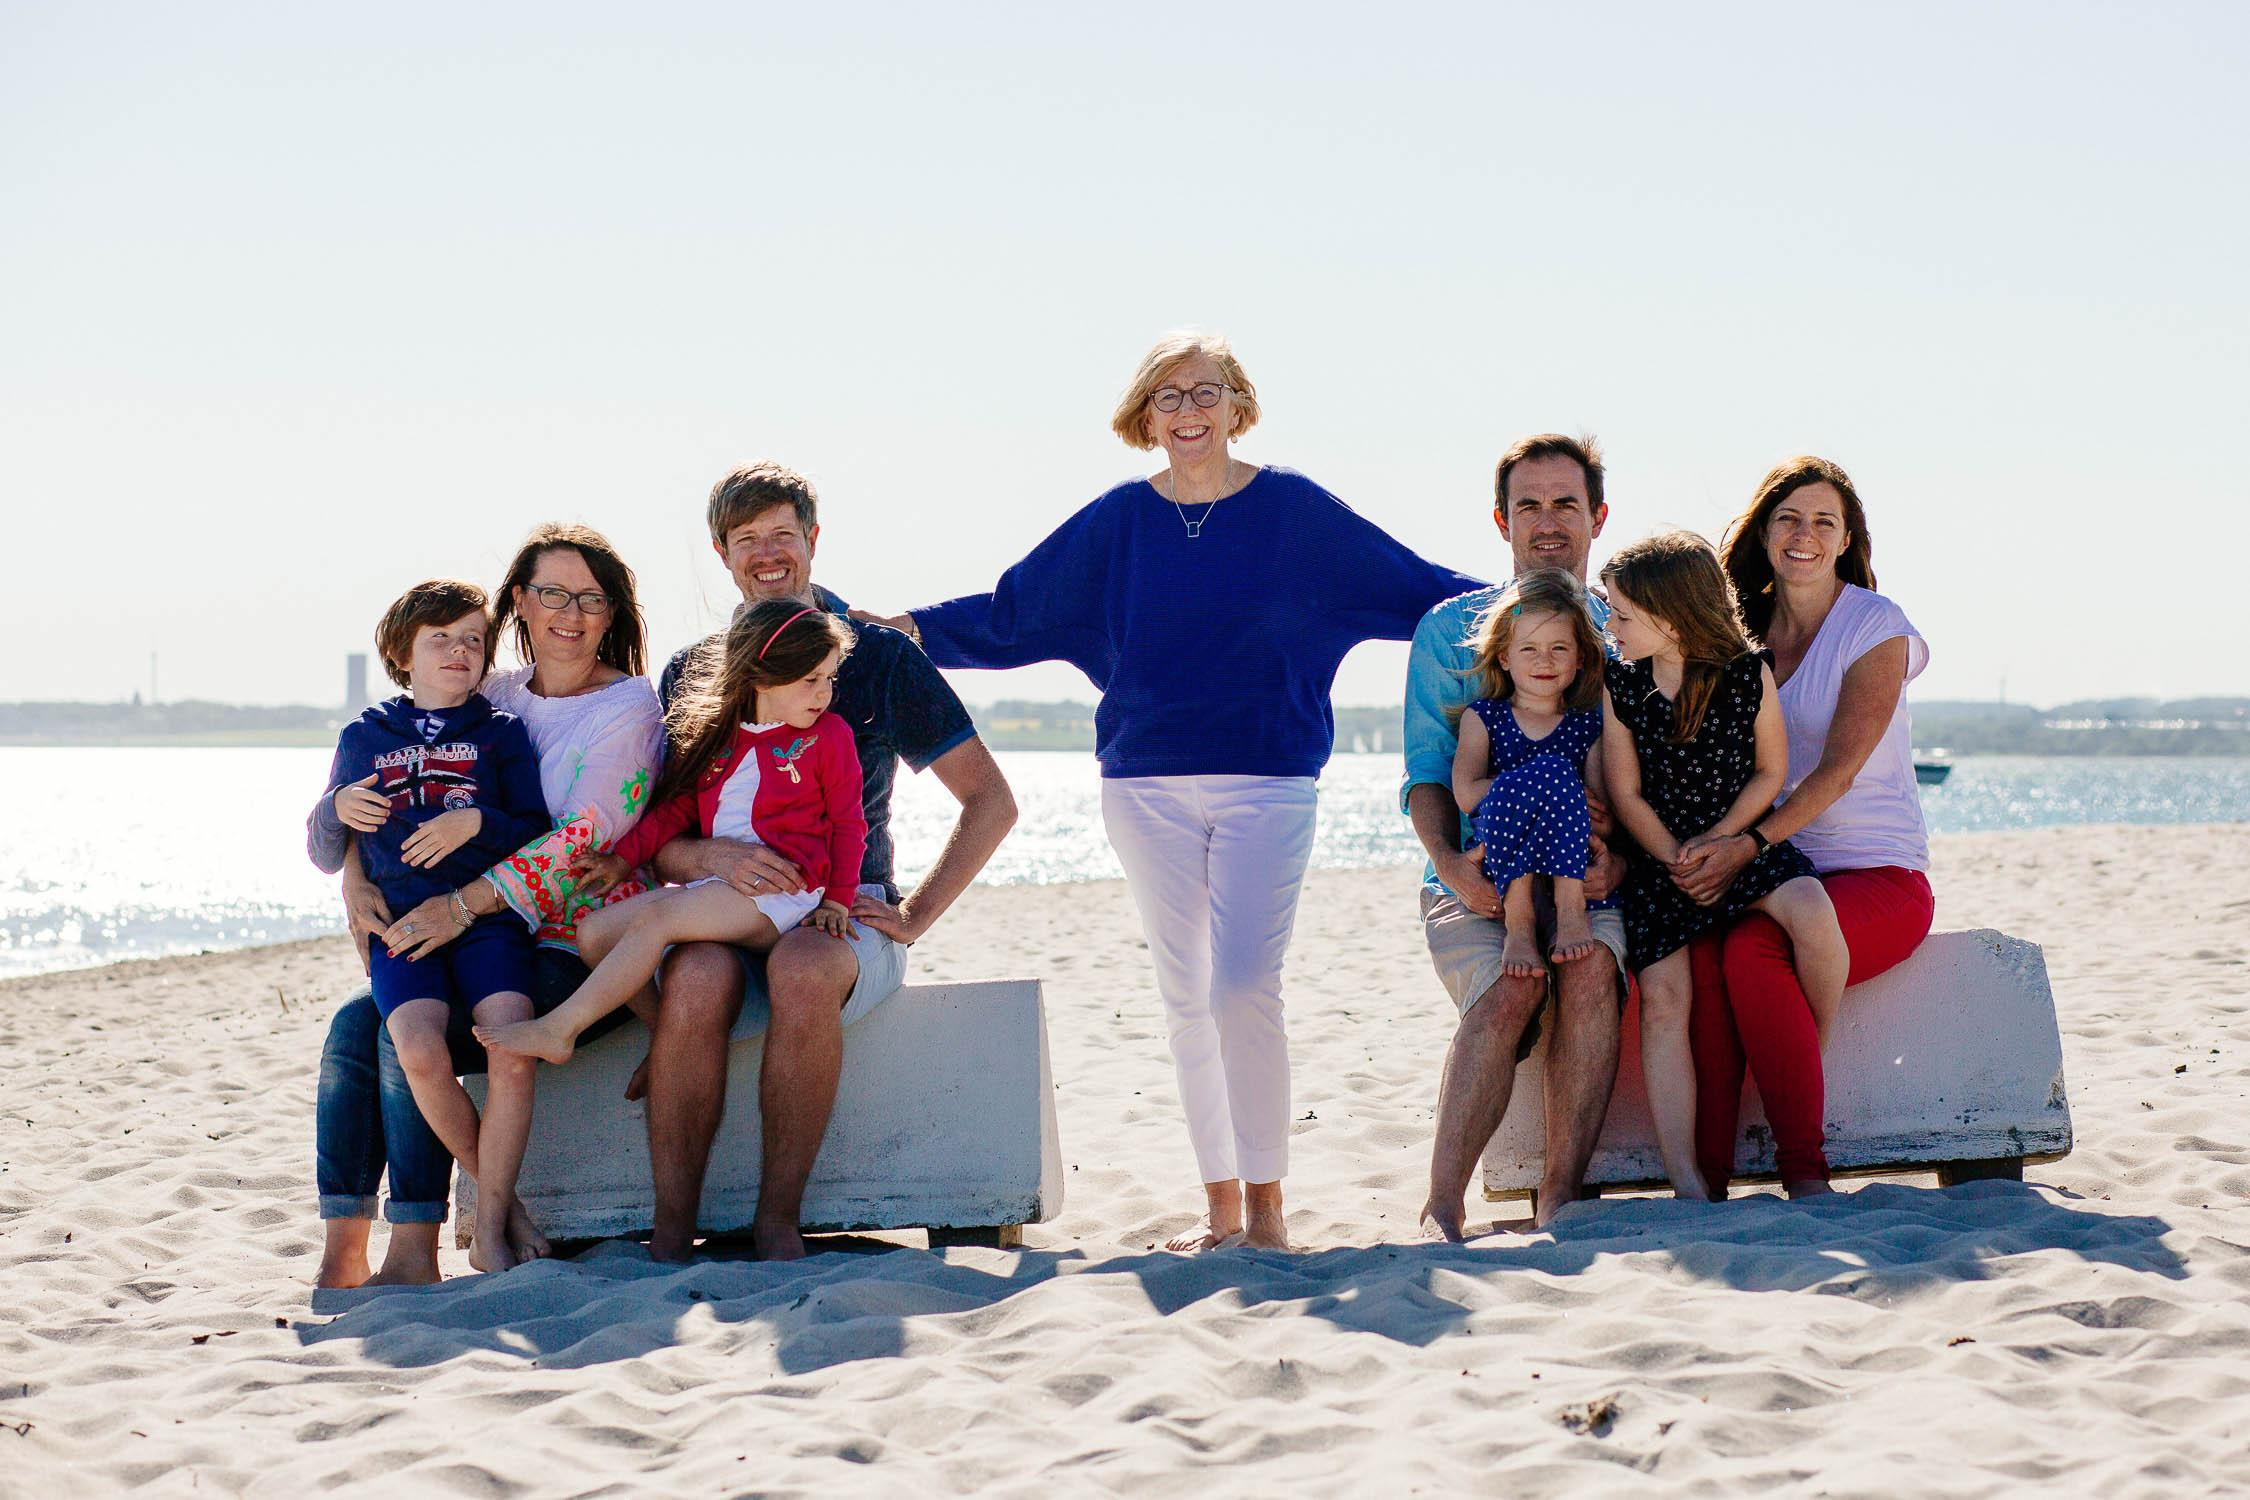 Familien Fotoshooting in Pelzerhaken 5